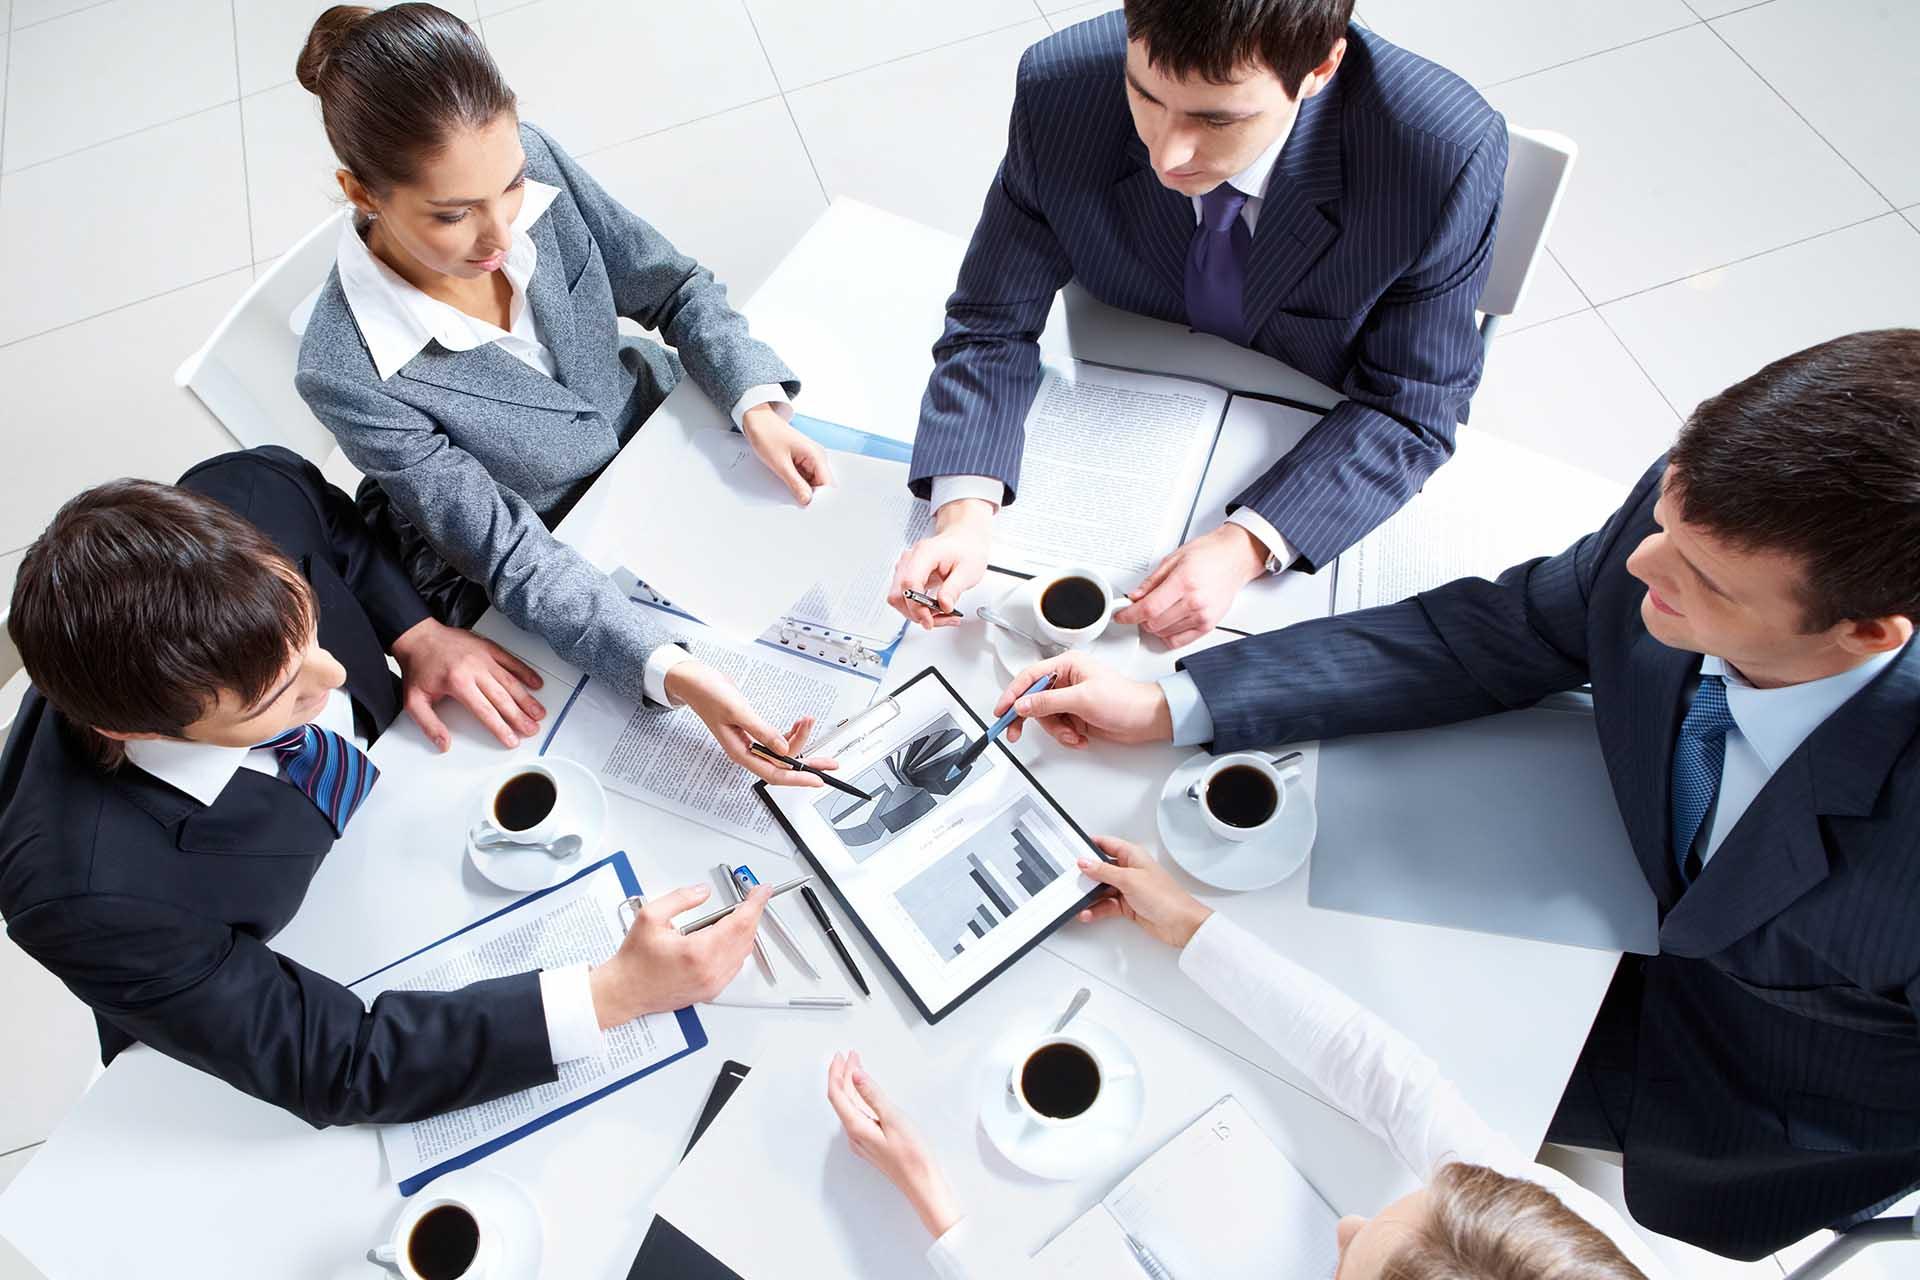 Бесплатный вебинар: Как сформировать эффективно работающую маркетинговую стратегию и выбрать каналы продвижения?